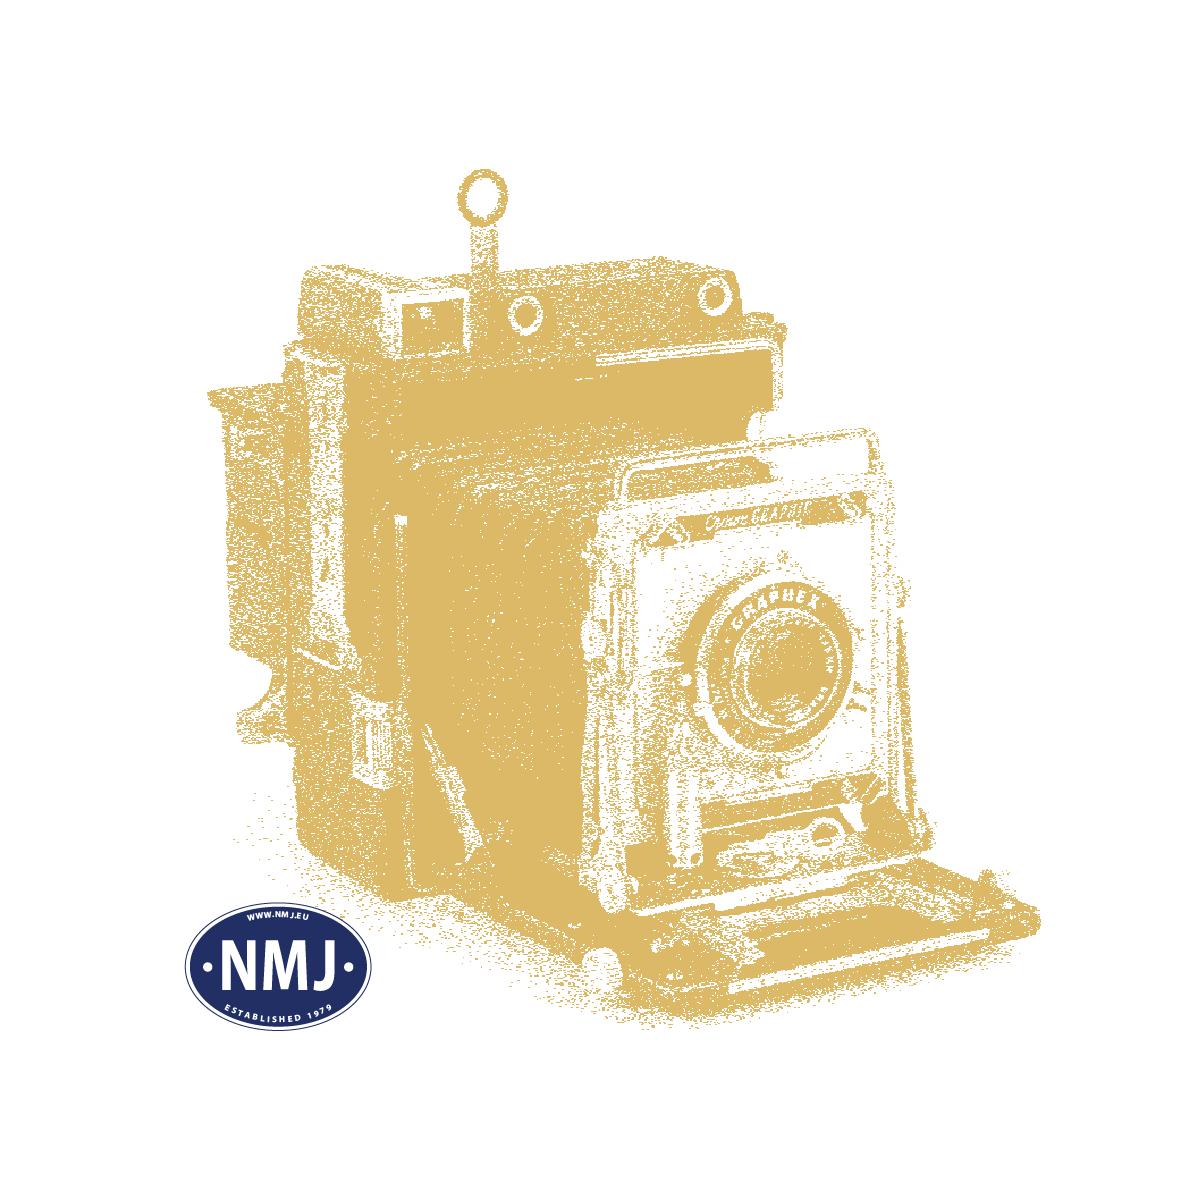 NMJSHf35548 - NMJ Superline NSB Kühlwagen Hf3 5548